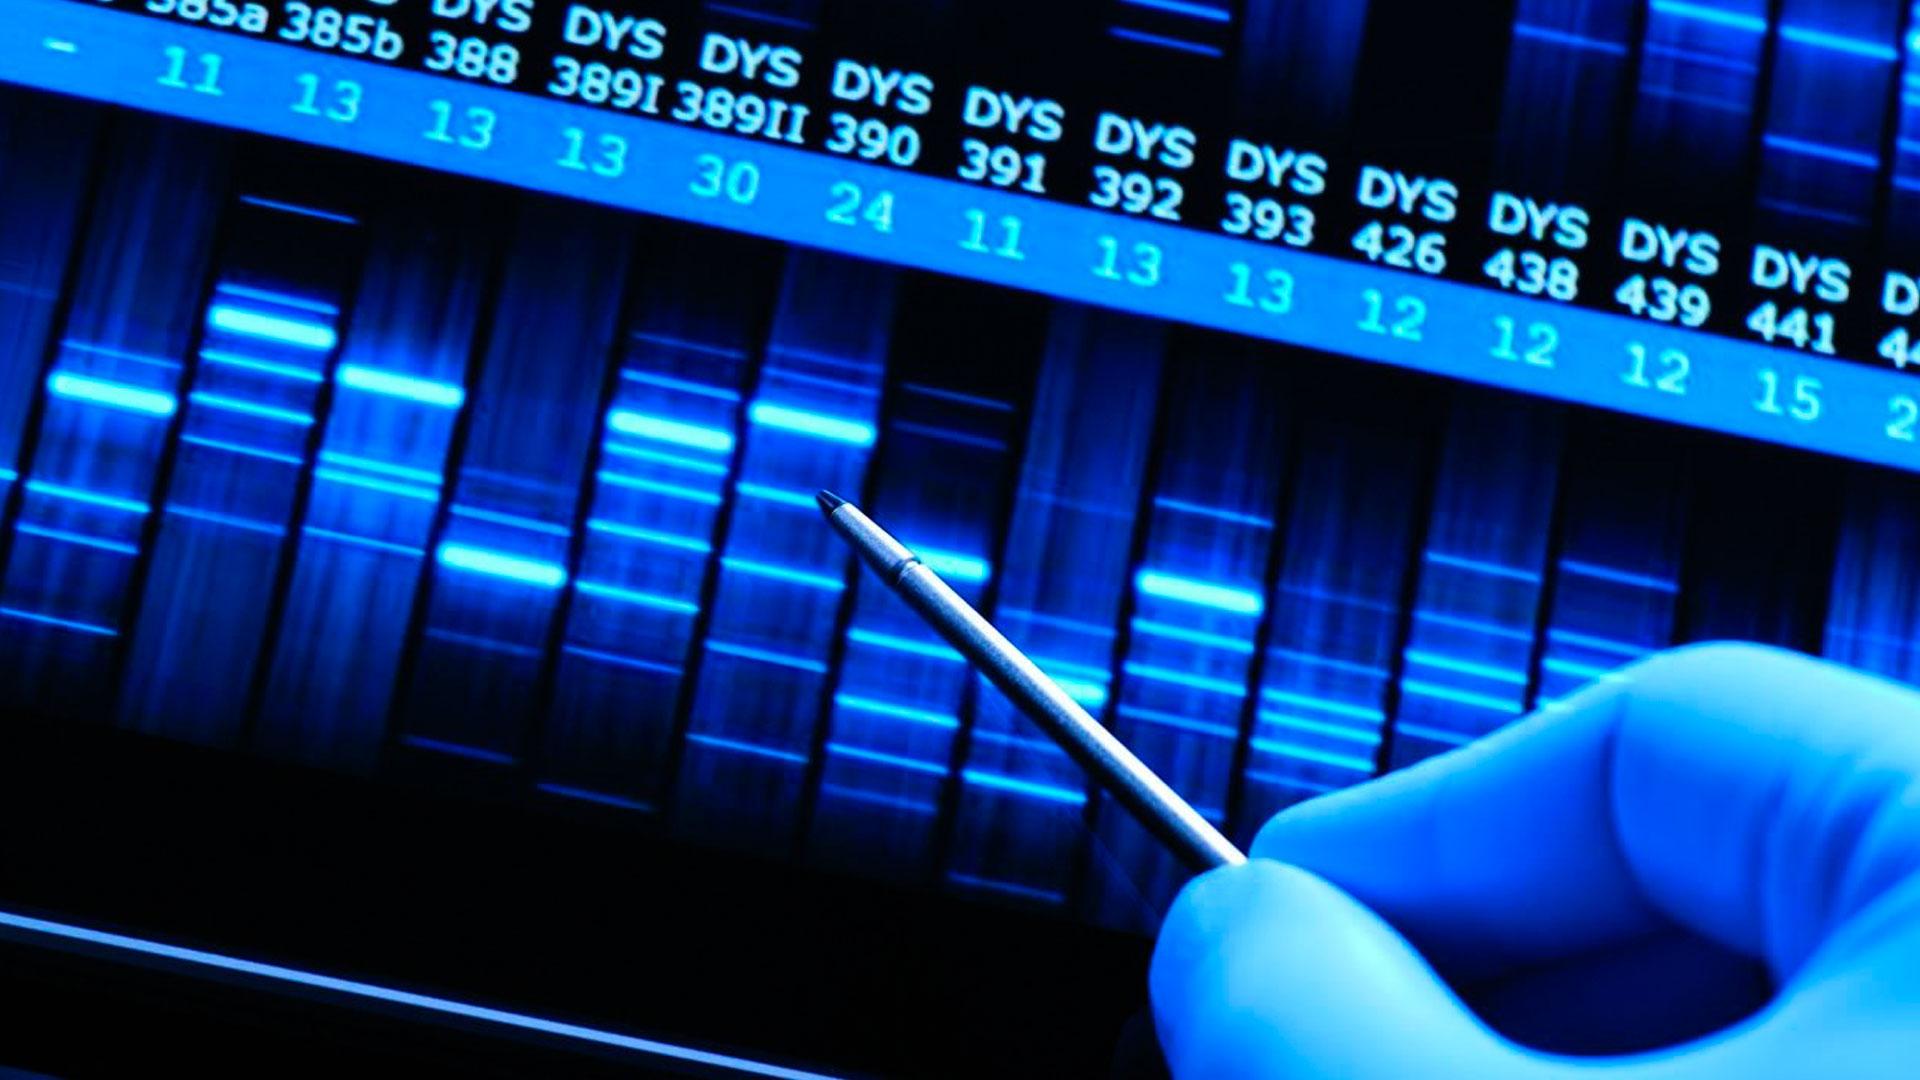 Diabete, i cambiamenti epigenetici ne precedono l'insorgenza. Possibili nuovi marker diagnostici?